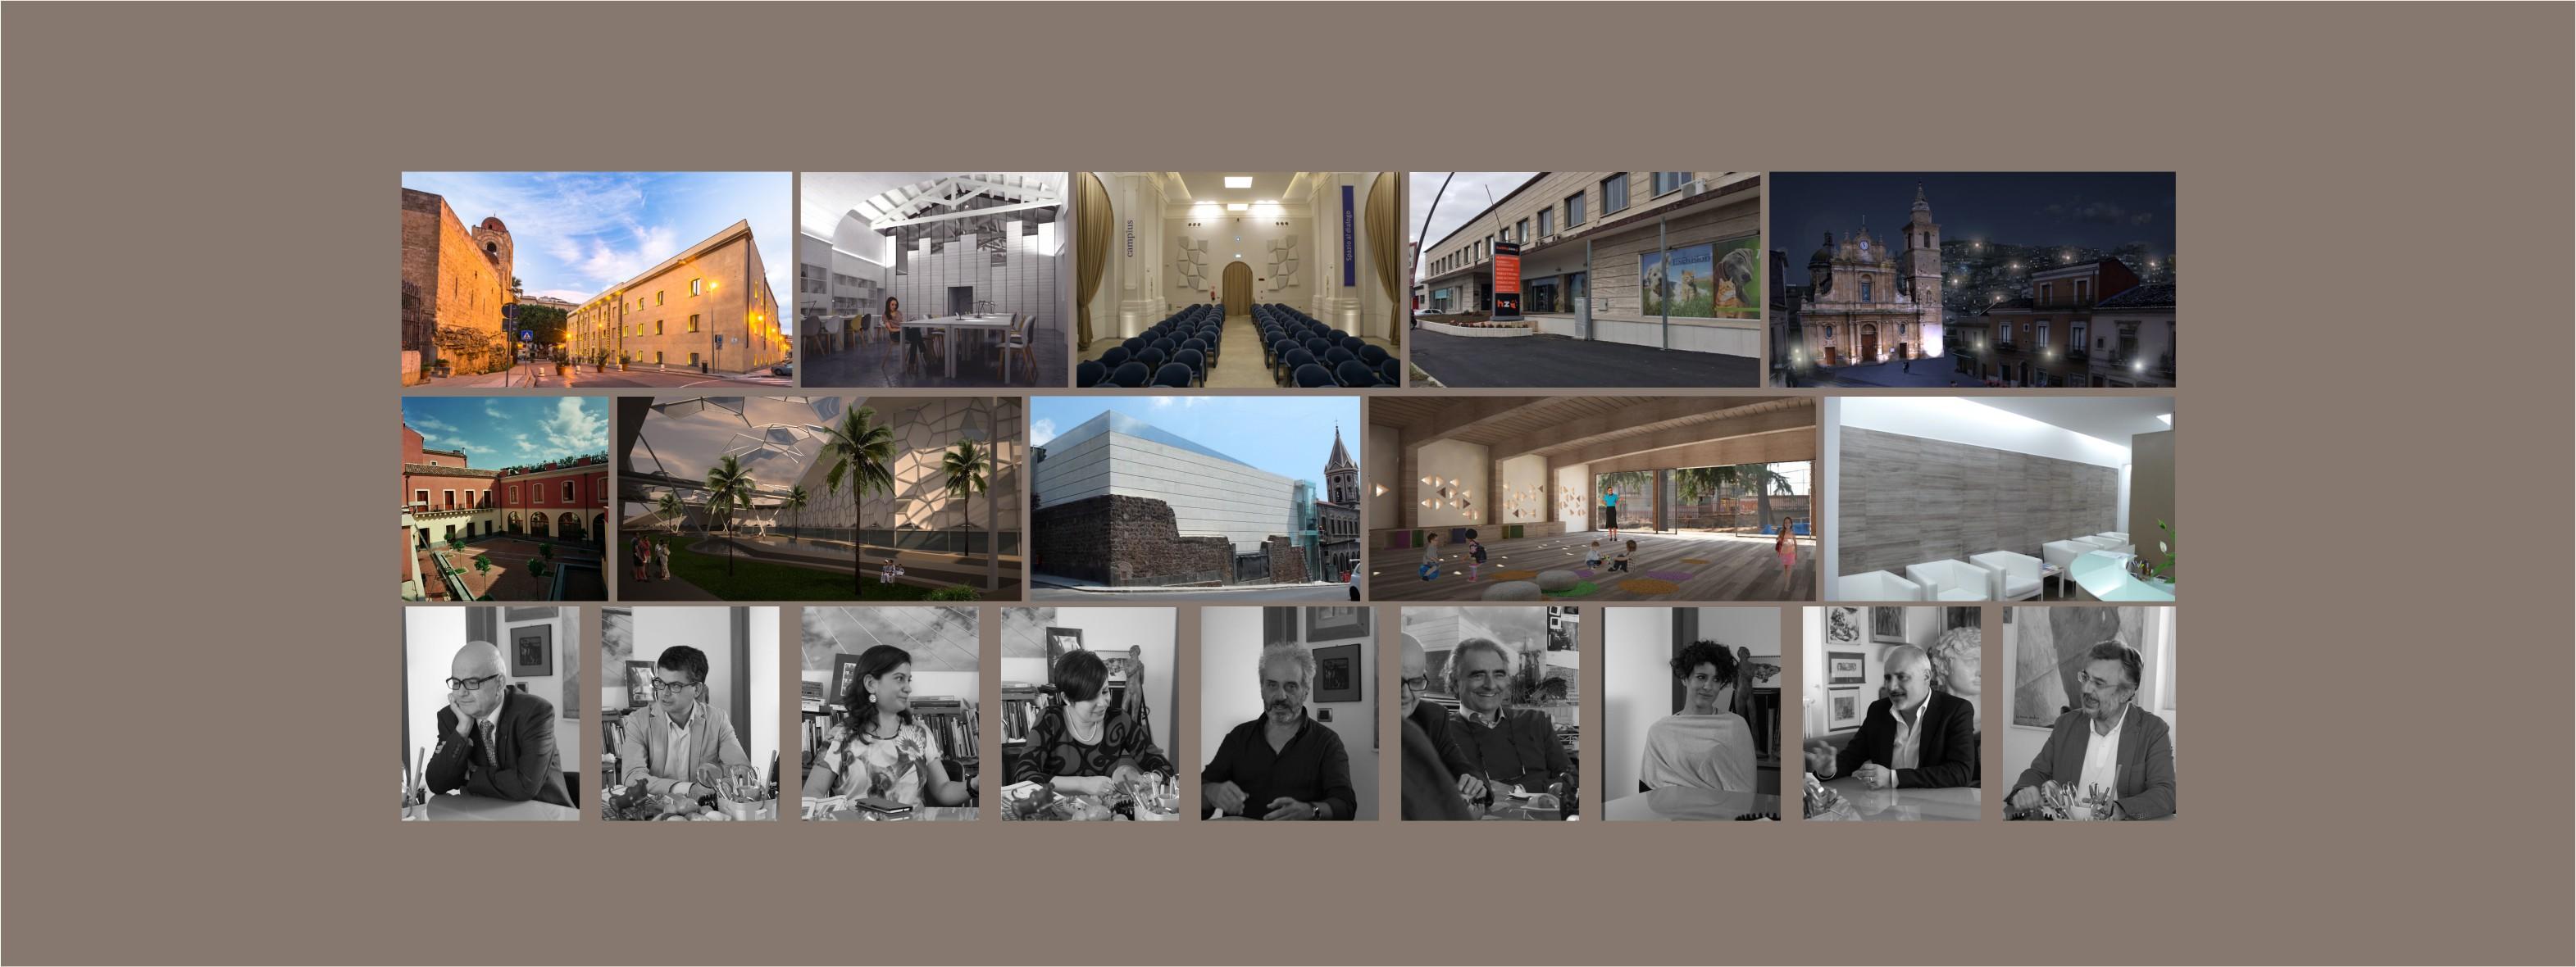 Lavoro Ingegnere Edile Architetto Catania commapartners - società cooperativa a.r.l. | linkedin